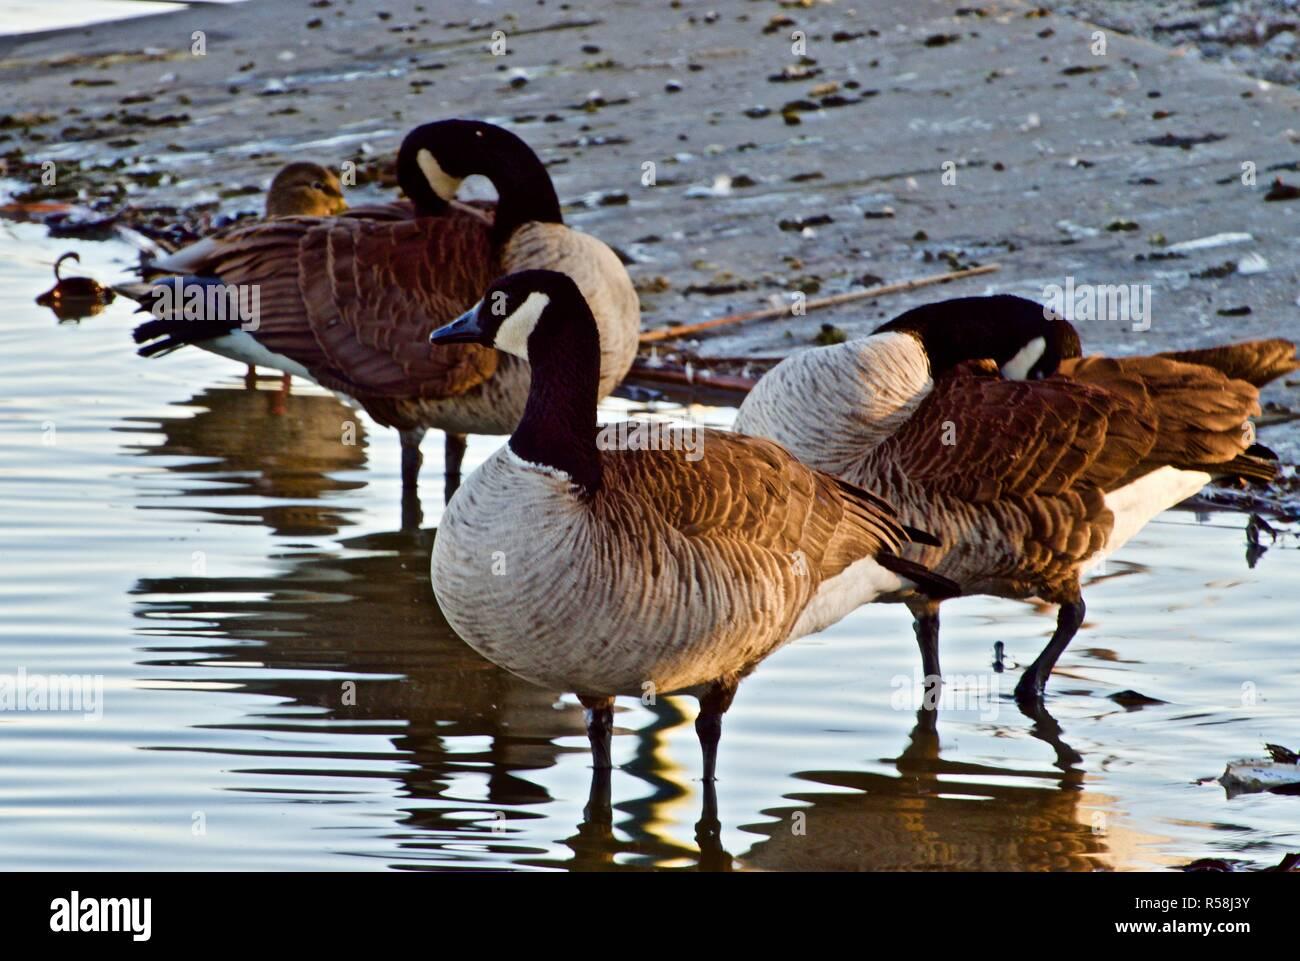 Barnaclas descansando sobre Lindsey parque público de pesca, Canyon Lake, Texas. Imagen De Stock